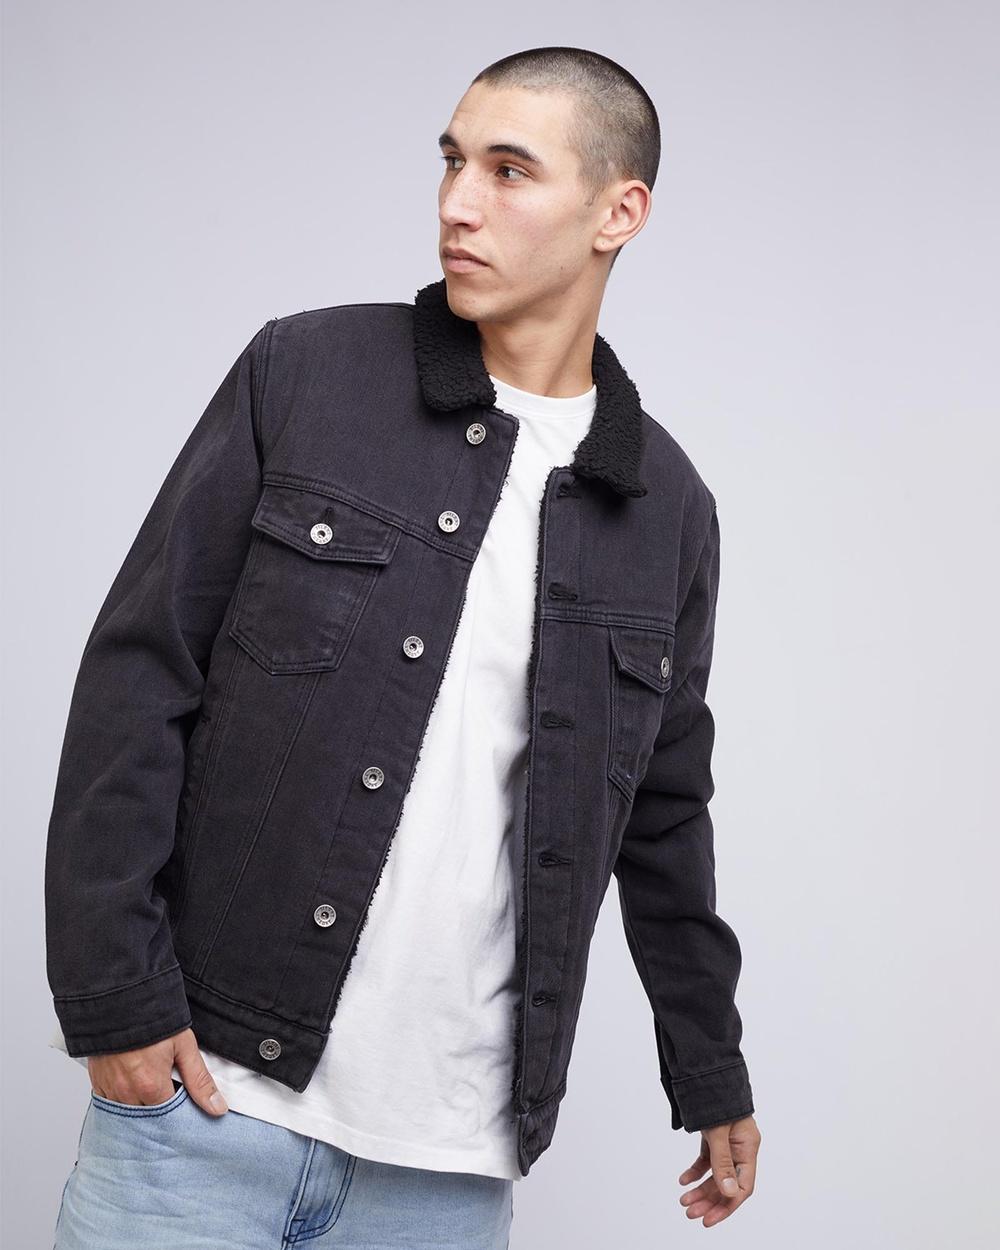 Silent Theory Jefe Sherpa Jacket Denim jacket Washed Black Australia